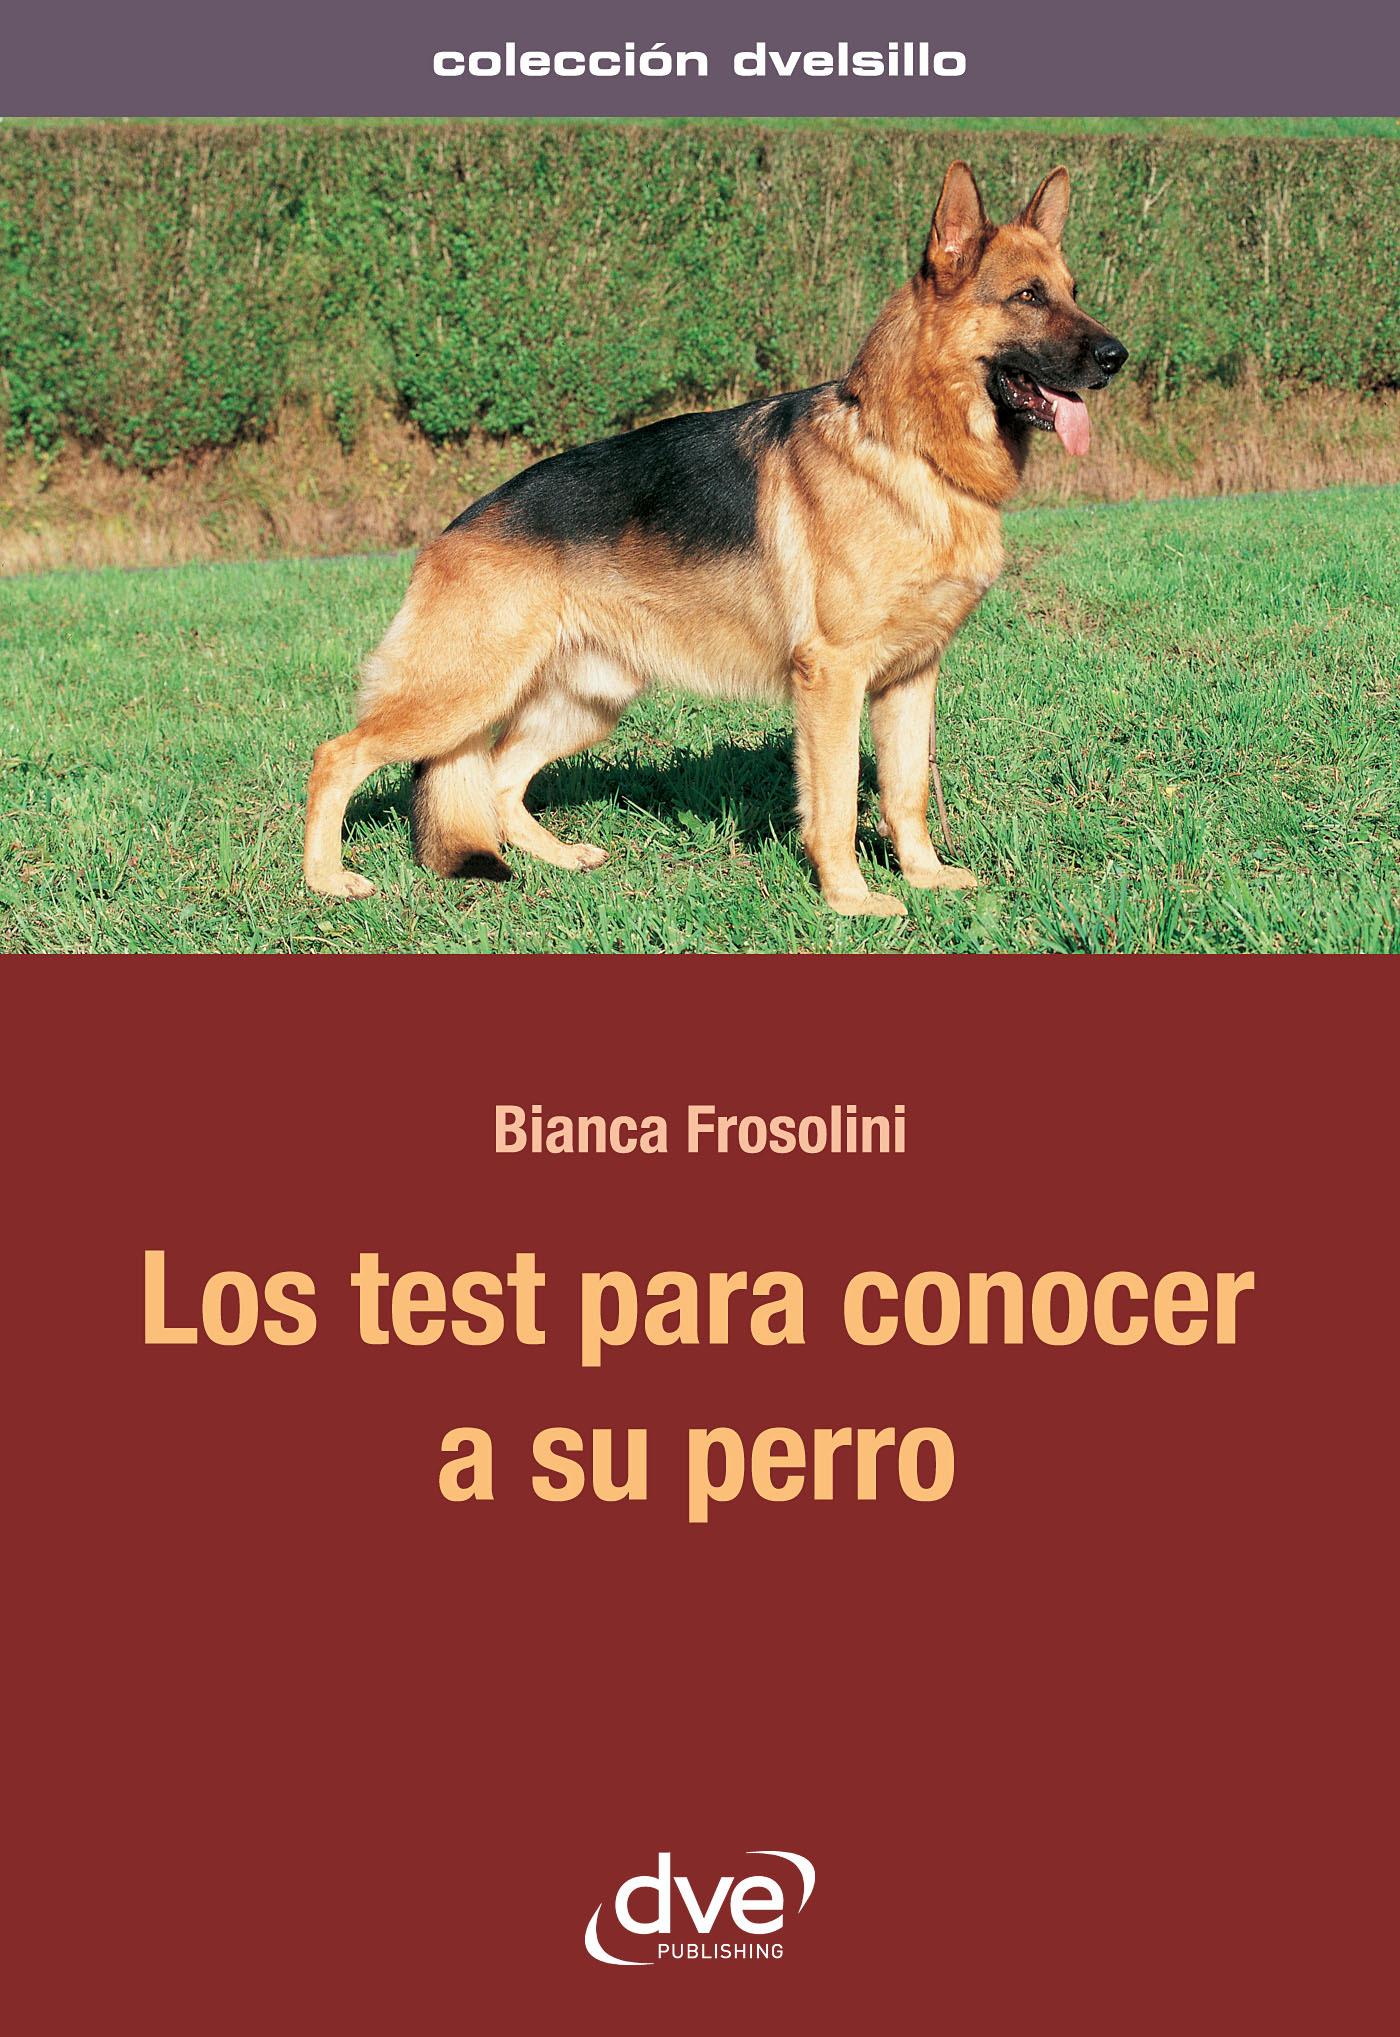 Frosolini, Bianca - Los test para conocer a su perro, ebook